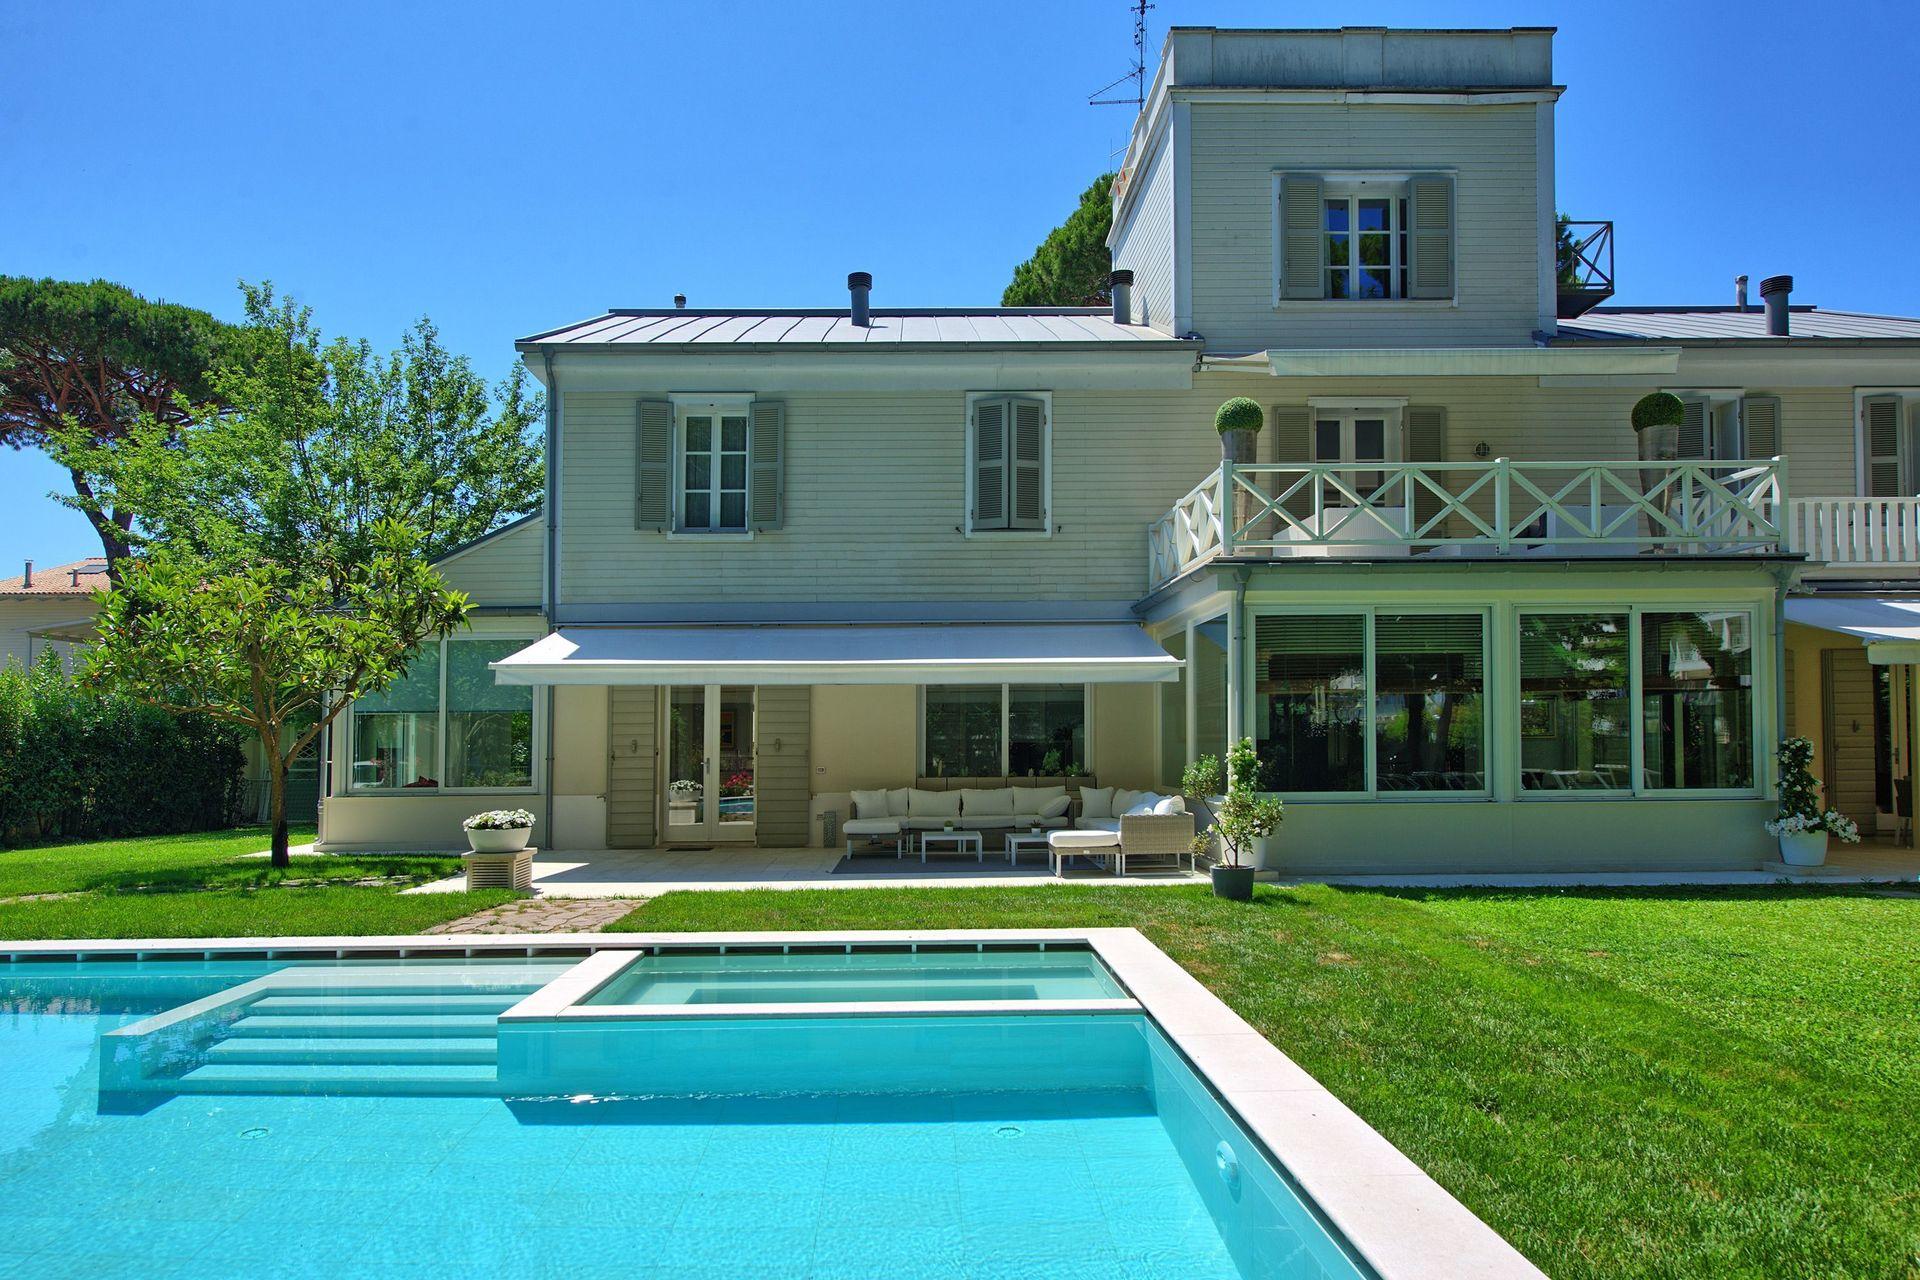 Piscina Con Jacuzzi.Villa Guidi Casa De Vacaciones Con 5 Habitaciones Con Una